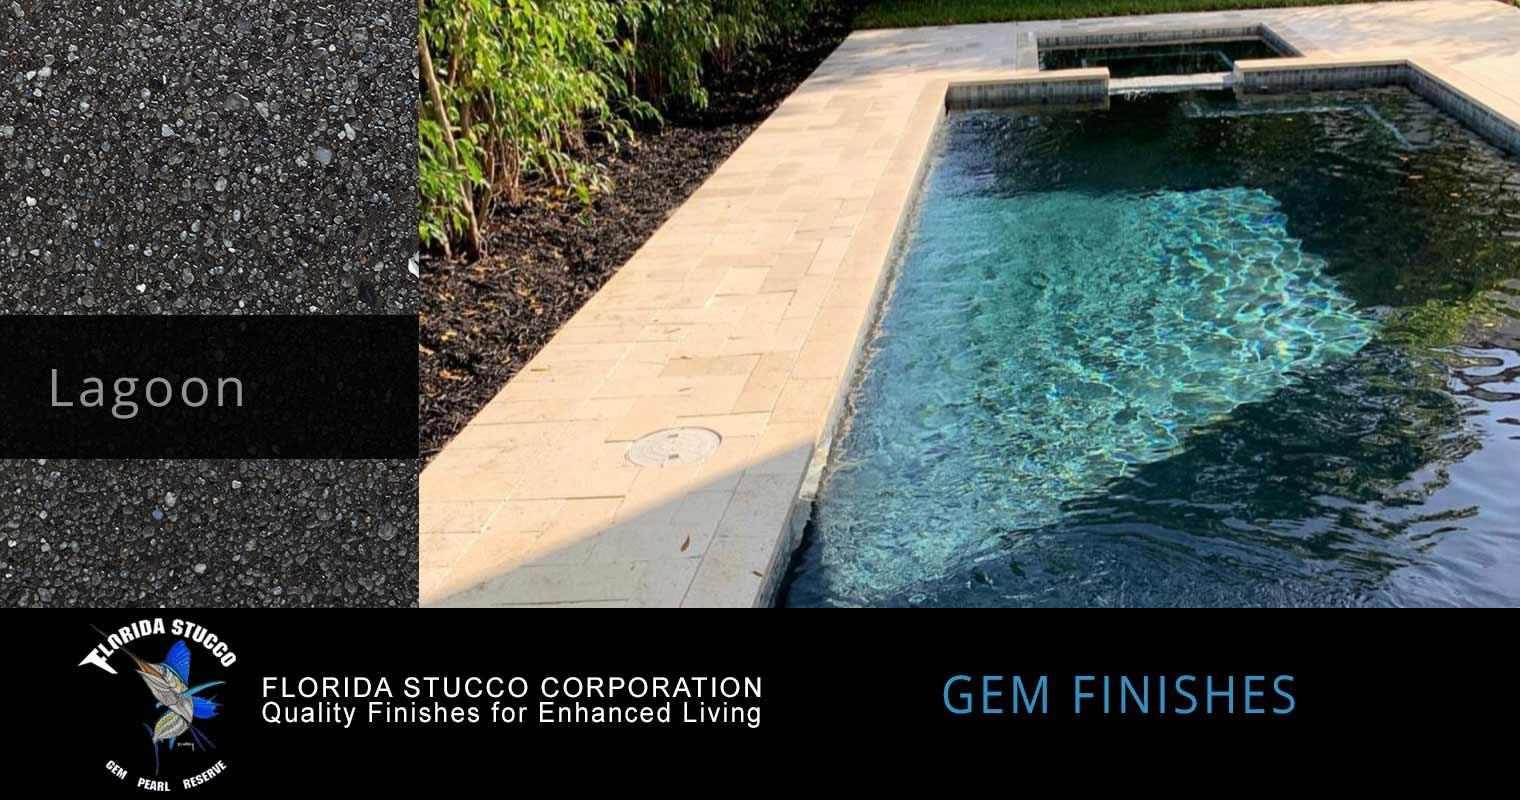 Florida Stucco - Lagoon Plastering Finish Pool Sample 1